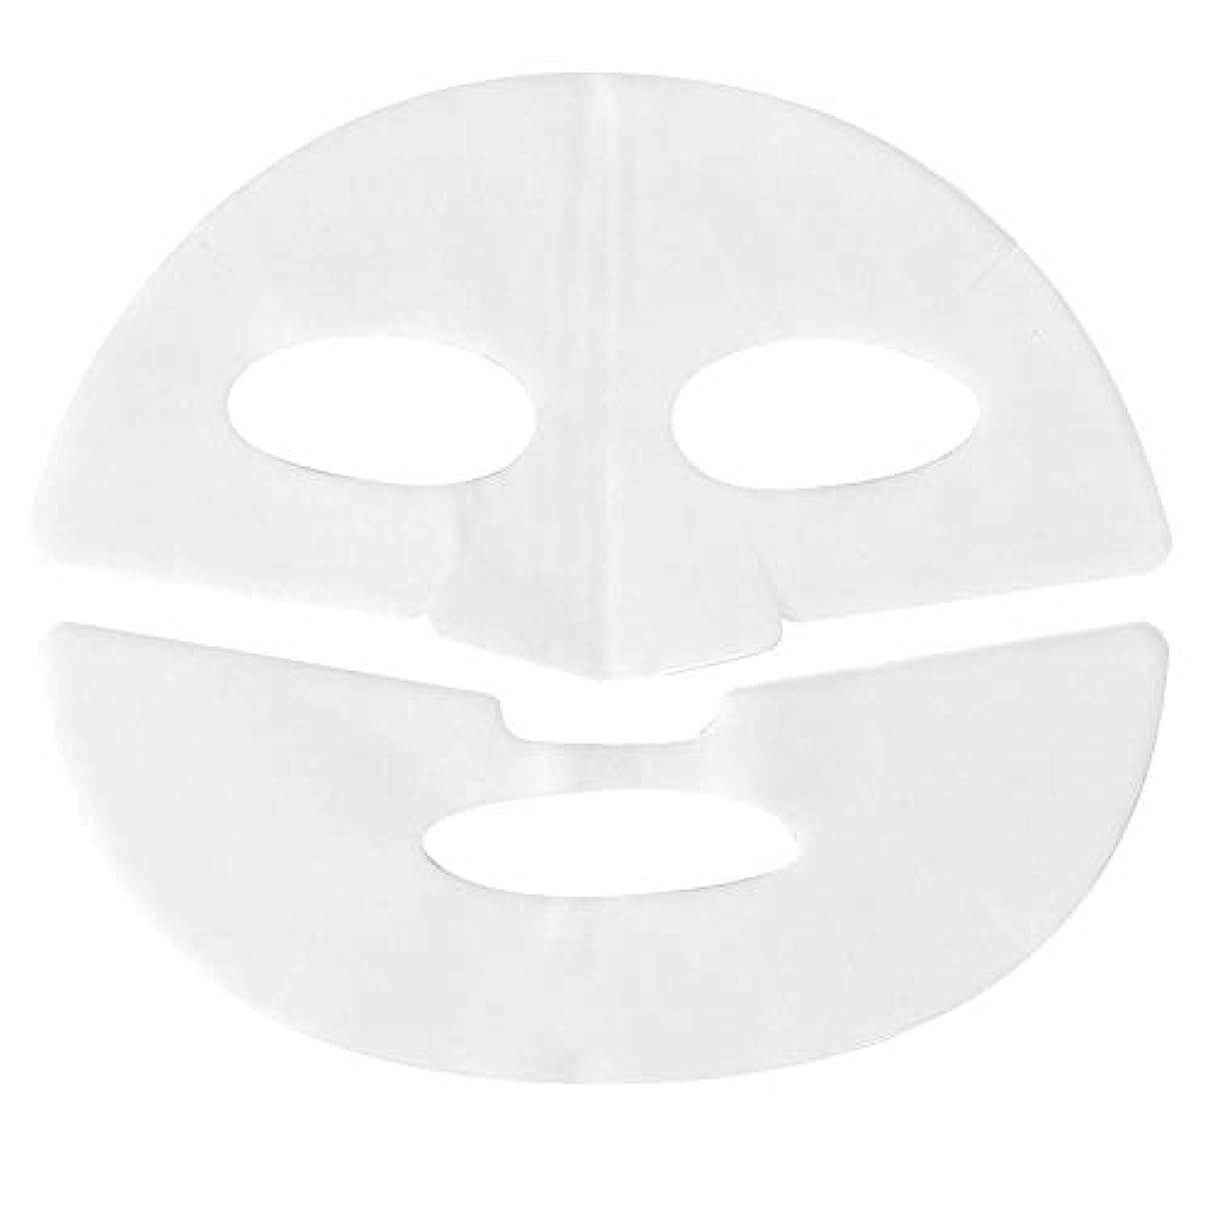 豊富な基本的な動機付ける10 PCS痩身マスク - 水分補給用V字型マスク、保湿マスク - 首とあごのリフト、アンチエイジング、しわを軽減